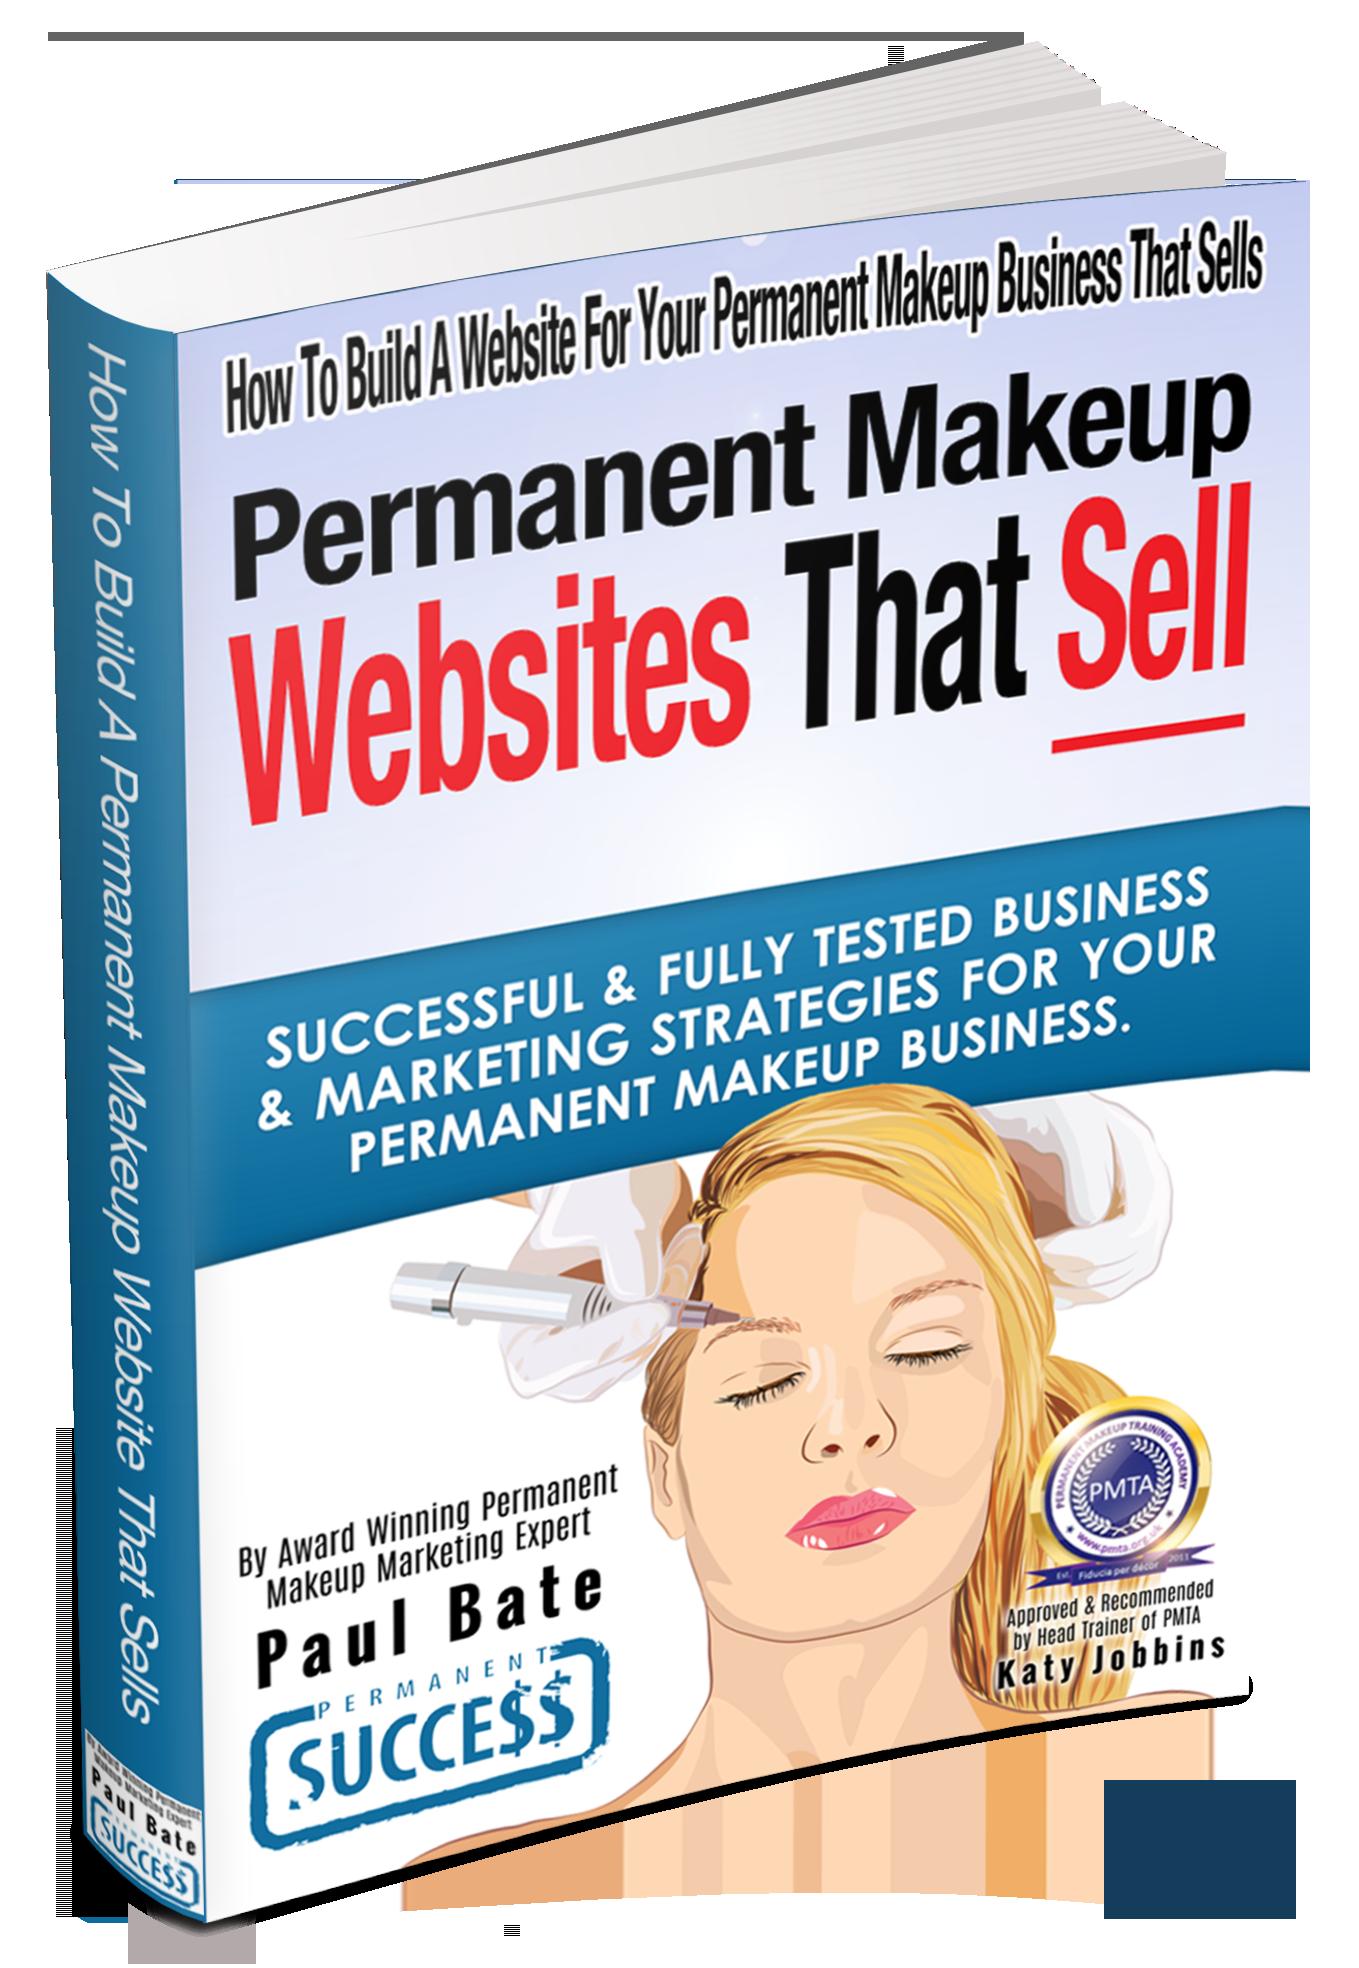 Perament Makeup Websites That Sell